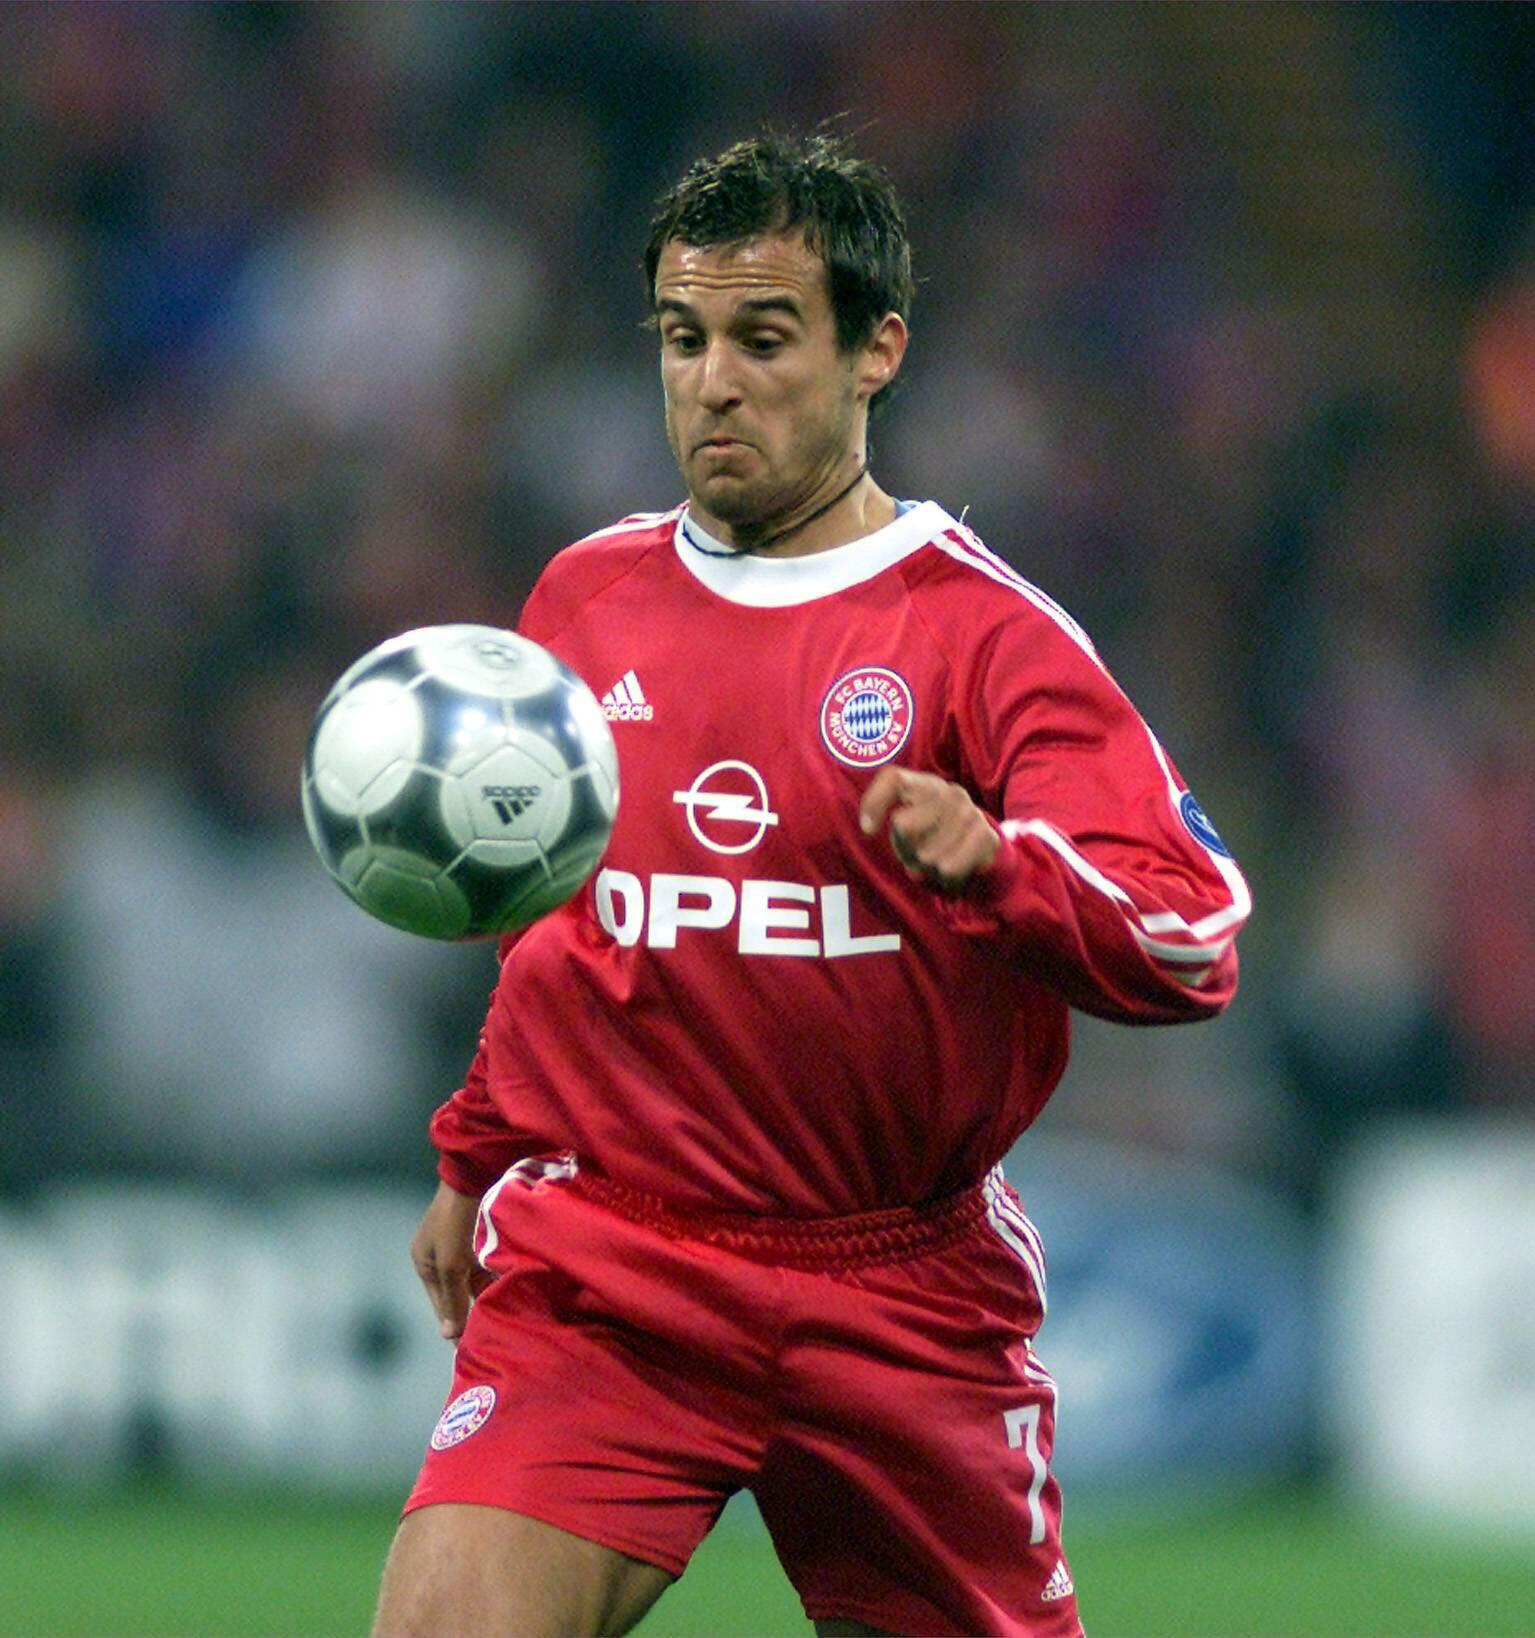 Bild zu Mehmet Scholl, FC Bayern München, Champions League, Olympiastadion, 2000/01